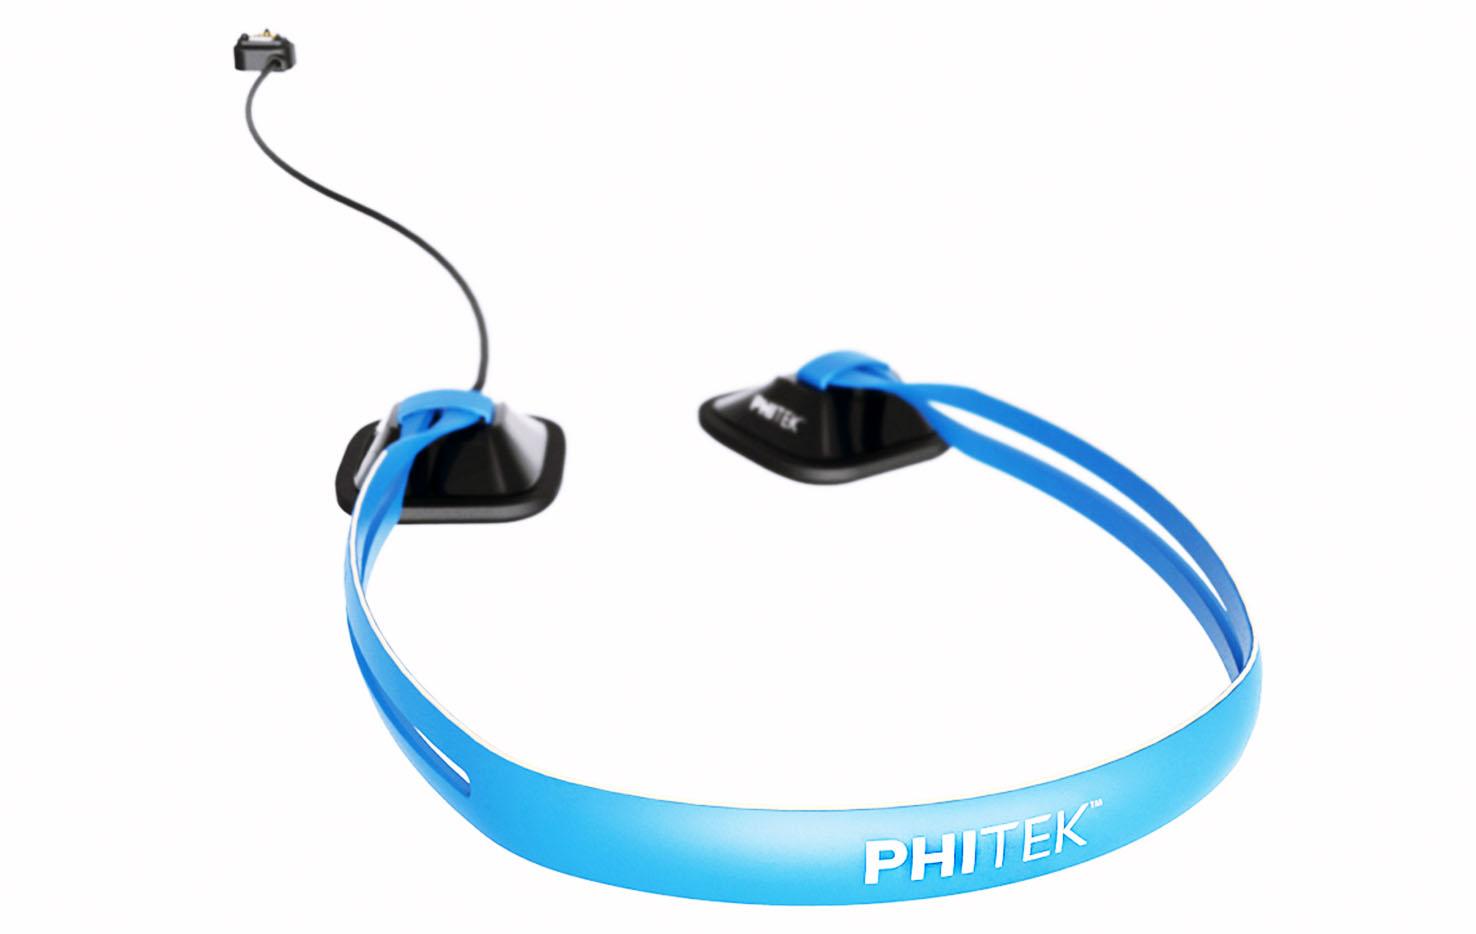 Globex-engineering-product-design-consultancy-phitek-twist-headphones